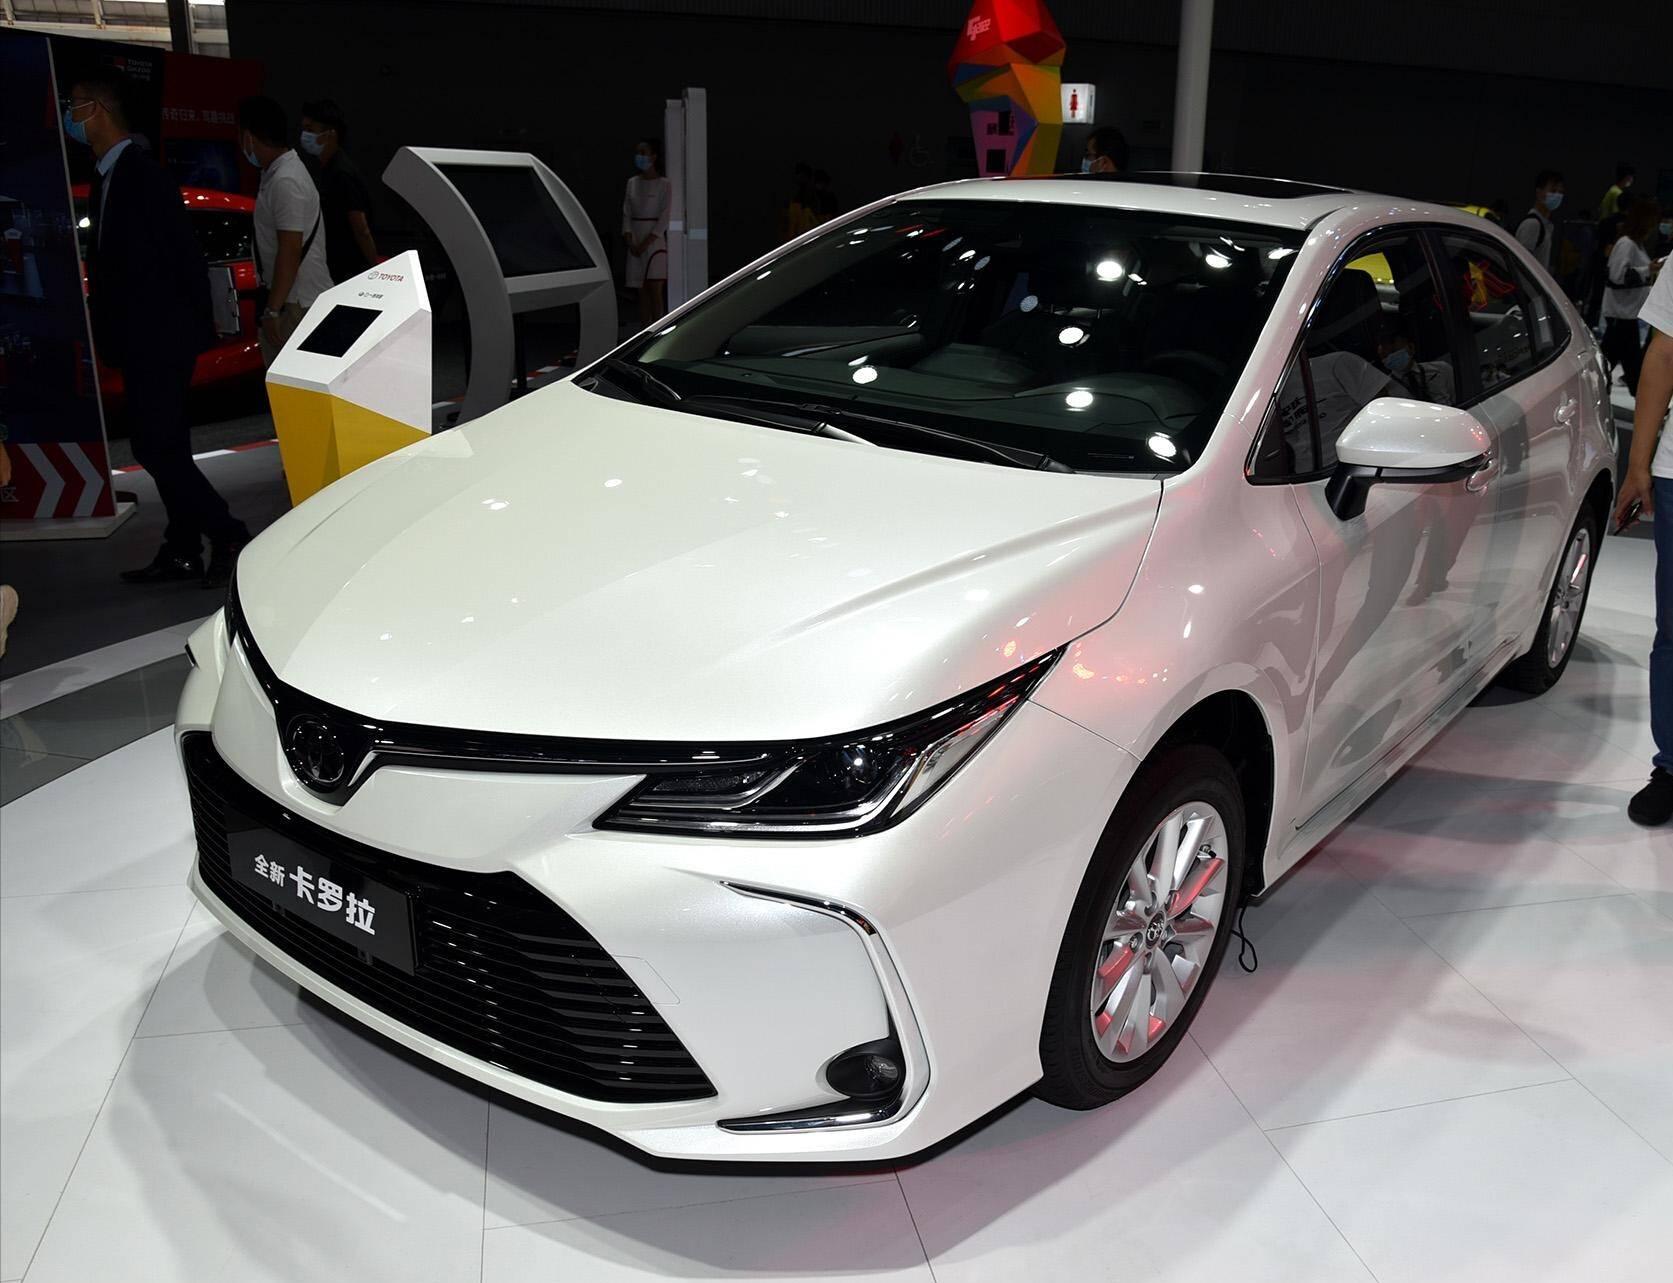 原丰田粉丝有福了!新款三缸卡罗拉亮相,油耗低至5升。会火吗